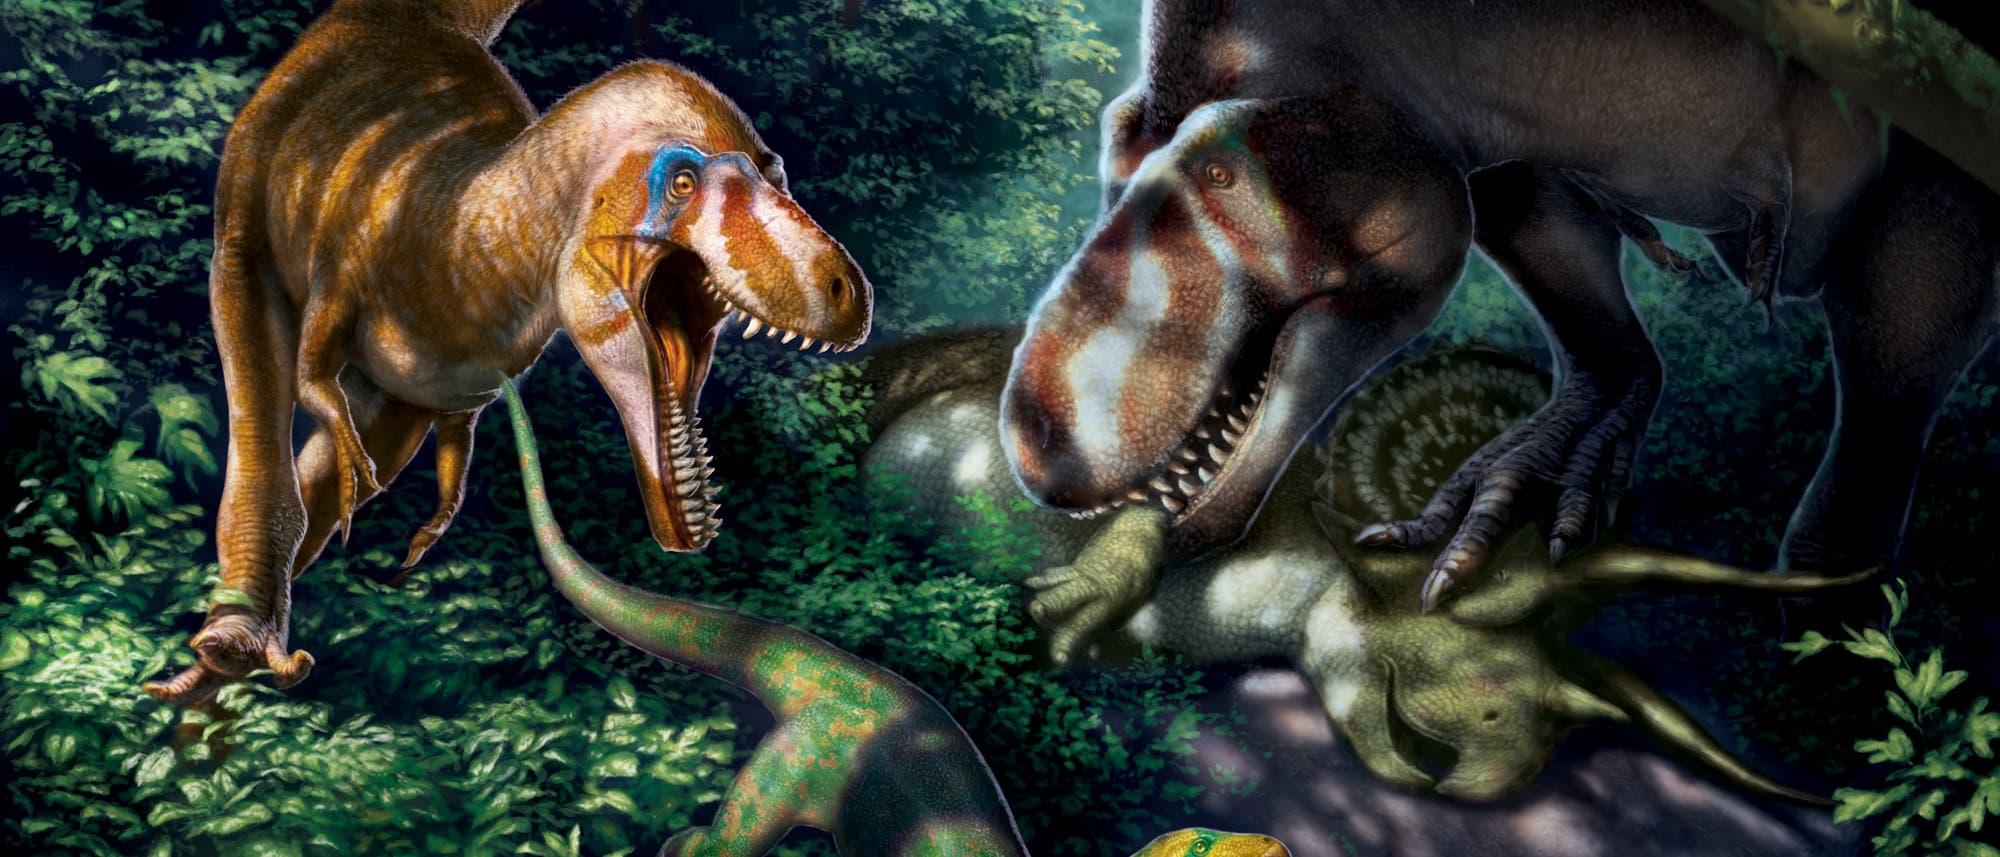 Schlank, leichtfüßig, messerscharfe Zähne - so könnten die Jungtiere von Tyrannosaurus rex ausgesehen haben.